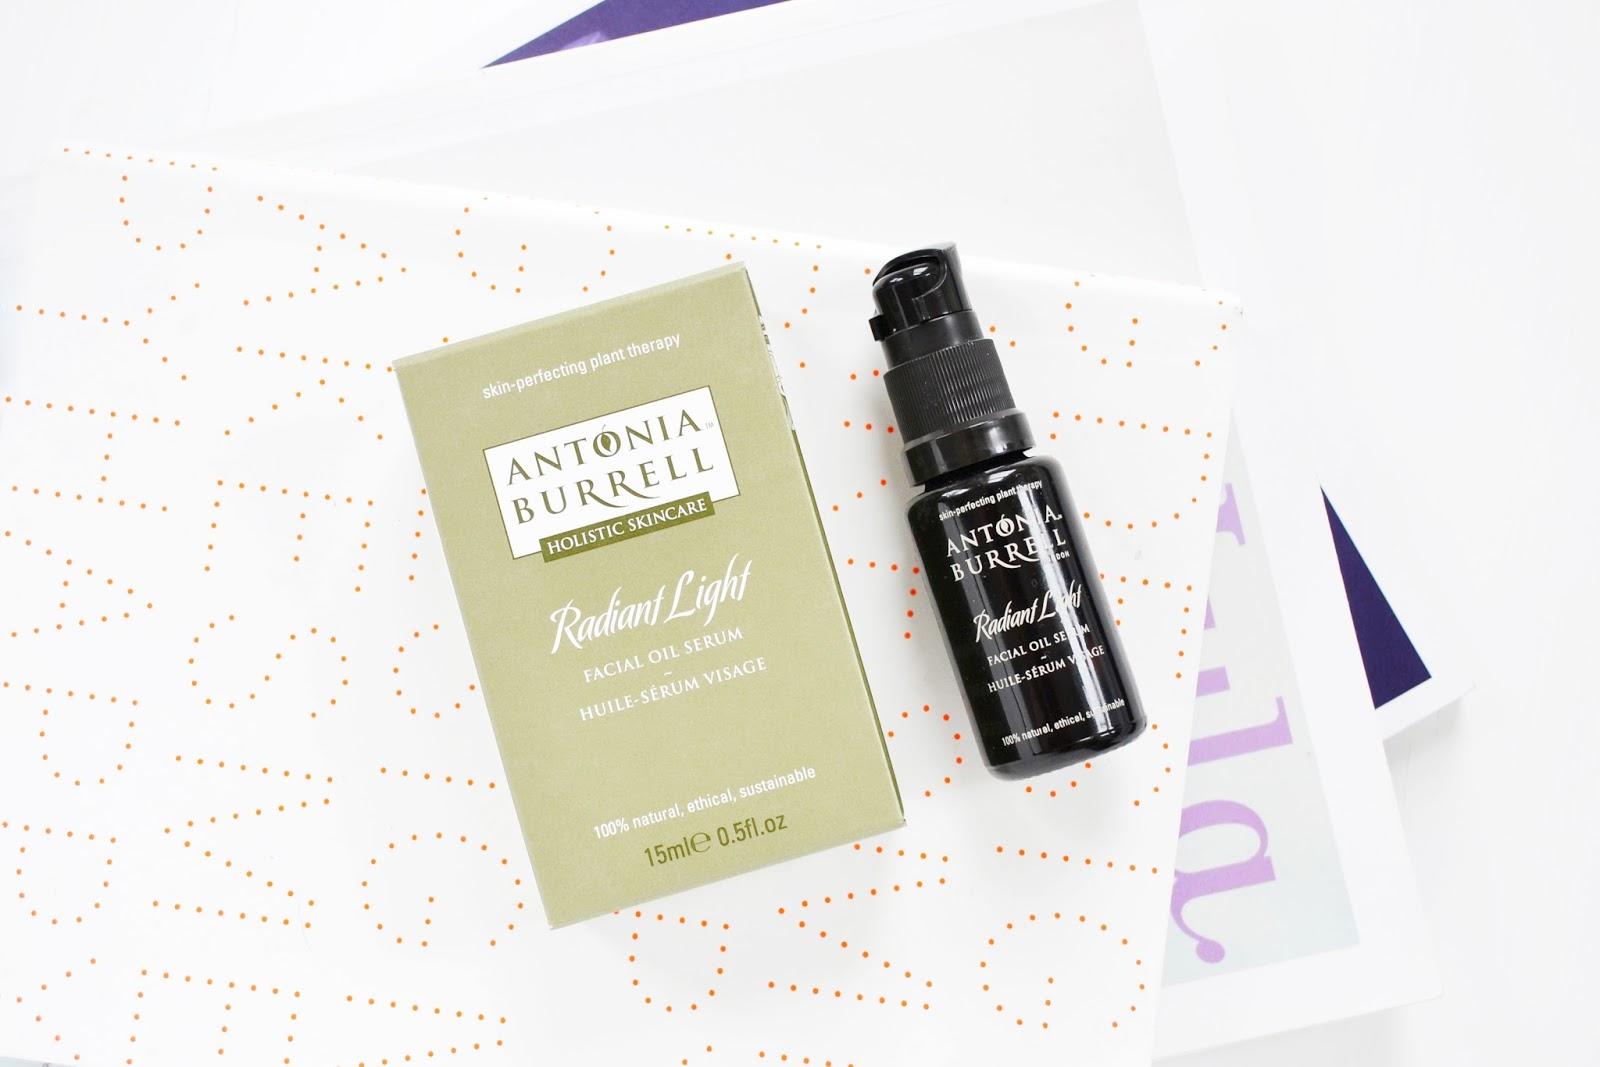 antonia burrell radiant light facial oil